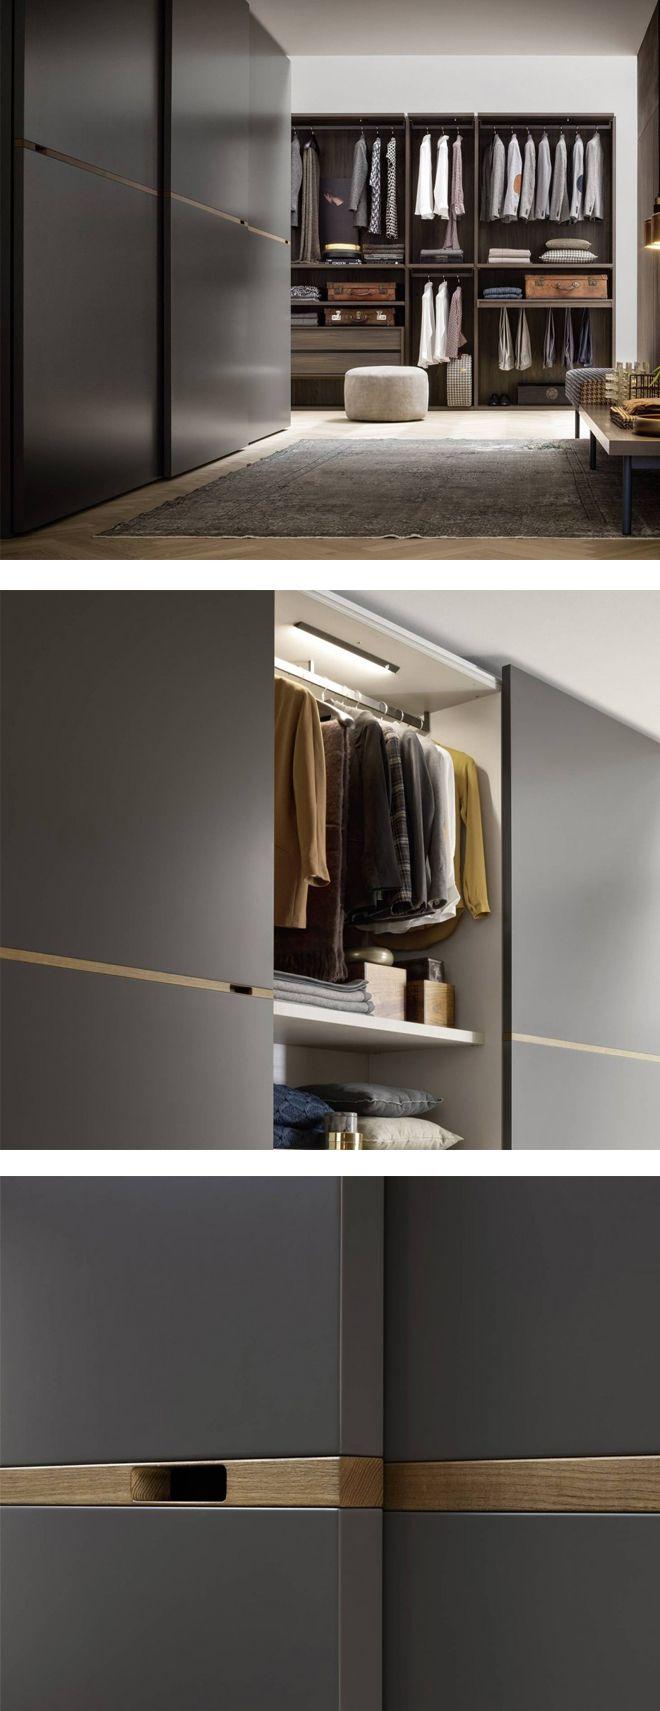 Der Novamobili Kleiderschrank Middle mit Schiebetüren überzeugt mit seinem minimalistischen Design. #Kleiderschrank #minimalistisch #Designschrank #Designkleiderschrank #Designmöbel #wardrobe #closet #minimalism #Schlafzimmer #bedroom #modern #interiordesign #interiordecorating #Einrichtungsideen #home #wohnen #einrichten #Wohnstil #wohnideen #Wohntrend #Inspiration #Design #Möbel